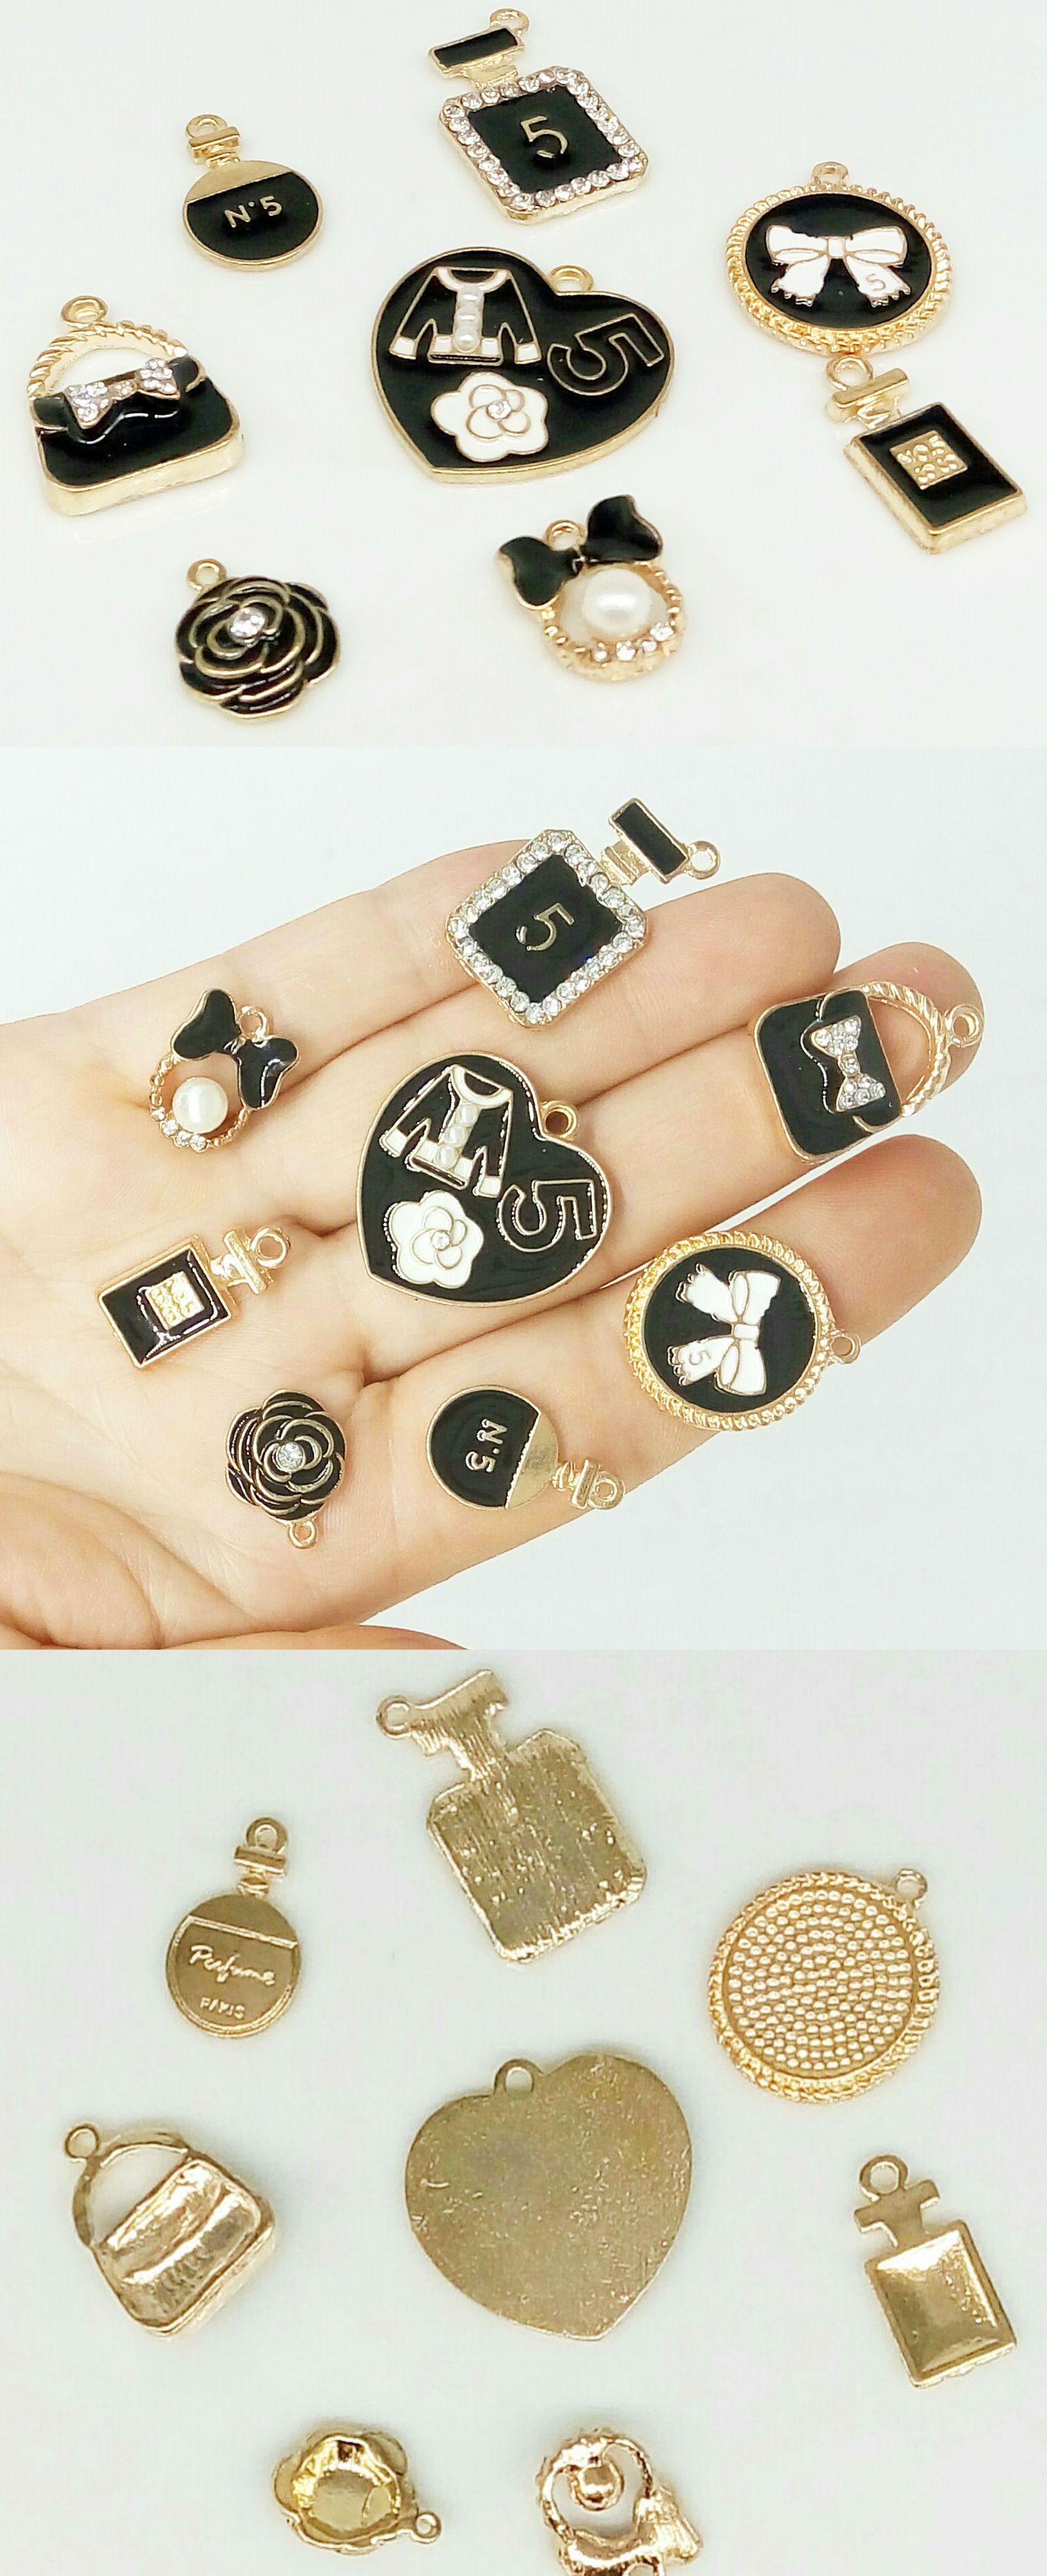 Set 8 Pcs Diy Charms Bracelets Charm Jewellery Charms Boho